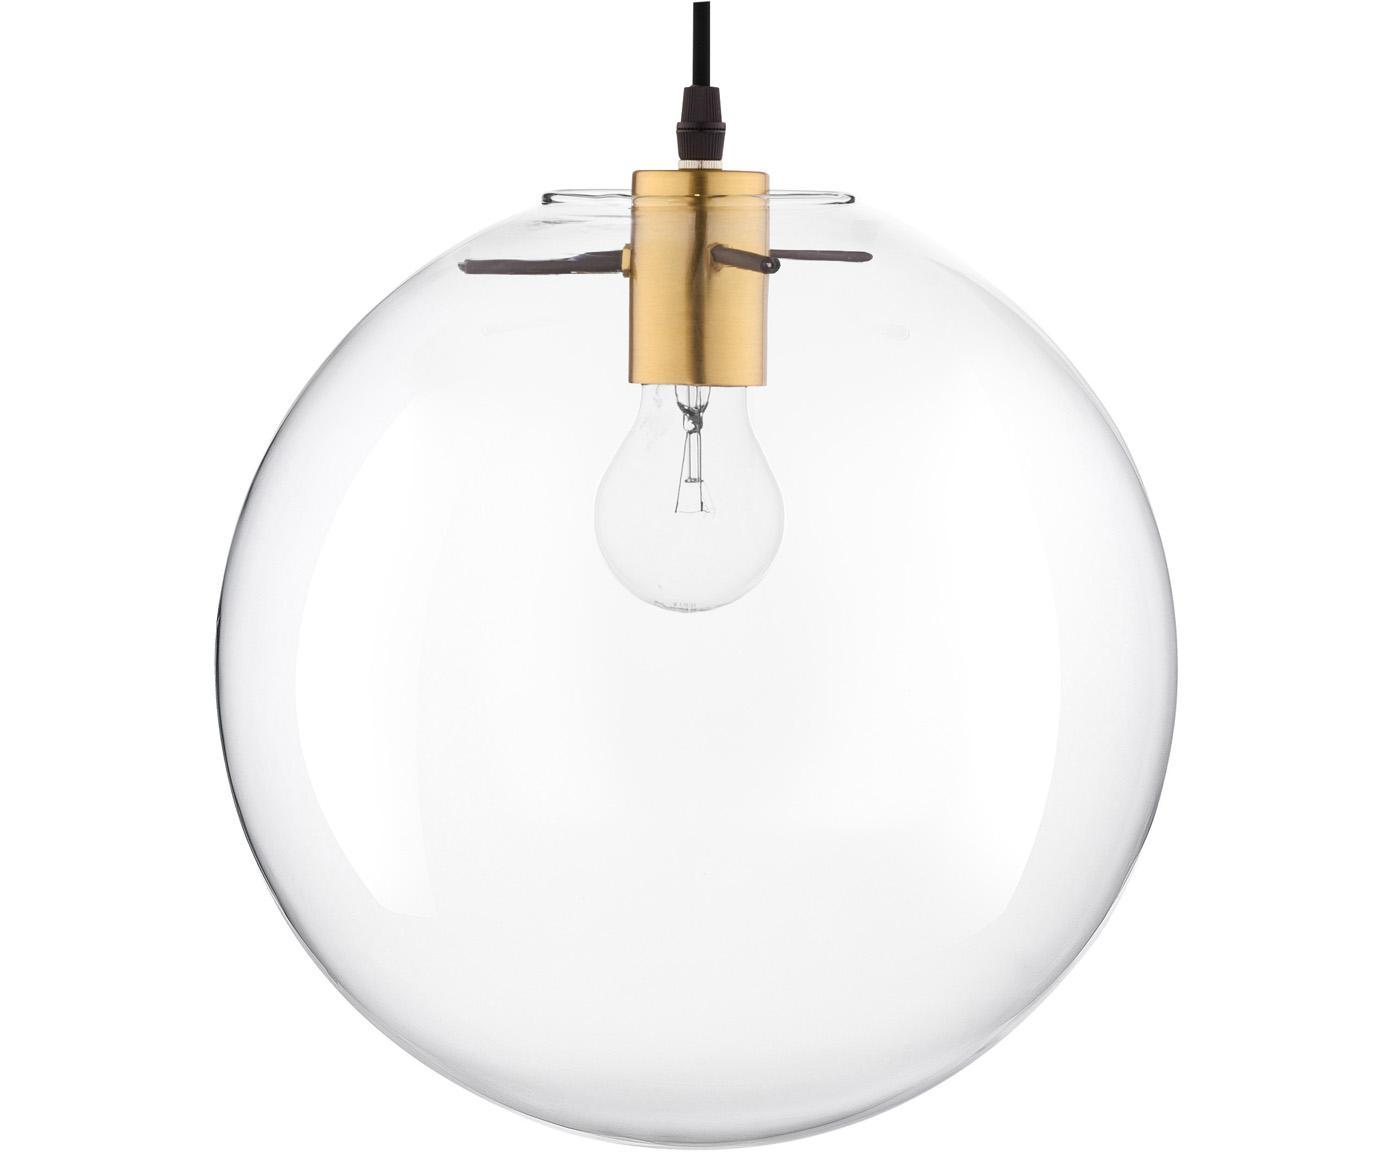 Lampada a sospensione Mirale, Paralume: vetro, Baldacchino: materiale sintetico (PVC), Ottone, trasparente, Ø 25 x Alt. 25 cm